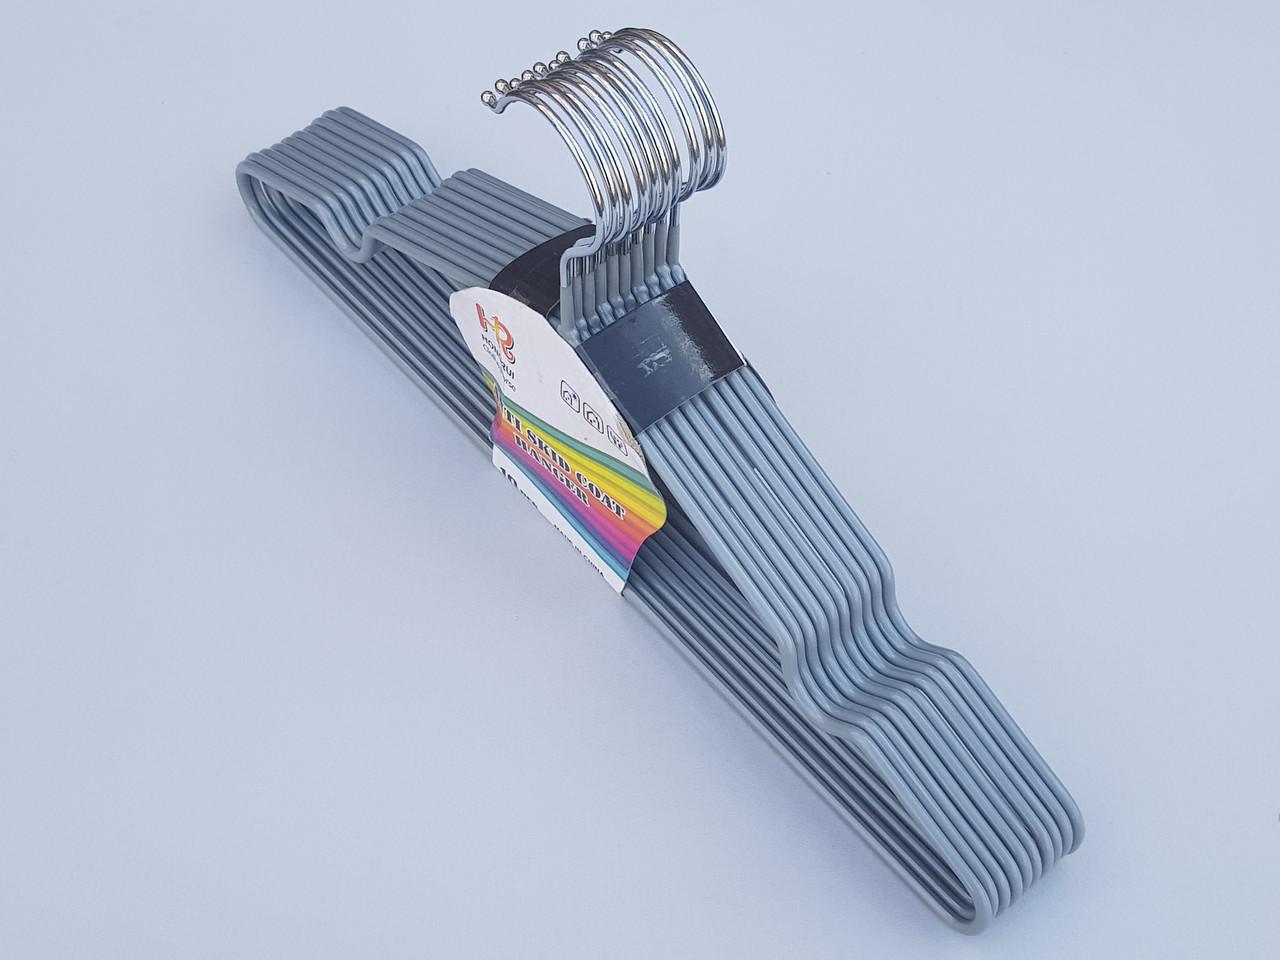 Плечики тремпеля металлический в силиконовом покрытии серебристого цвета,длина 40 см, в упаковке 10 штук